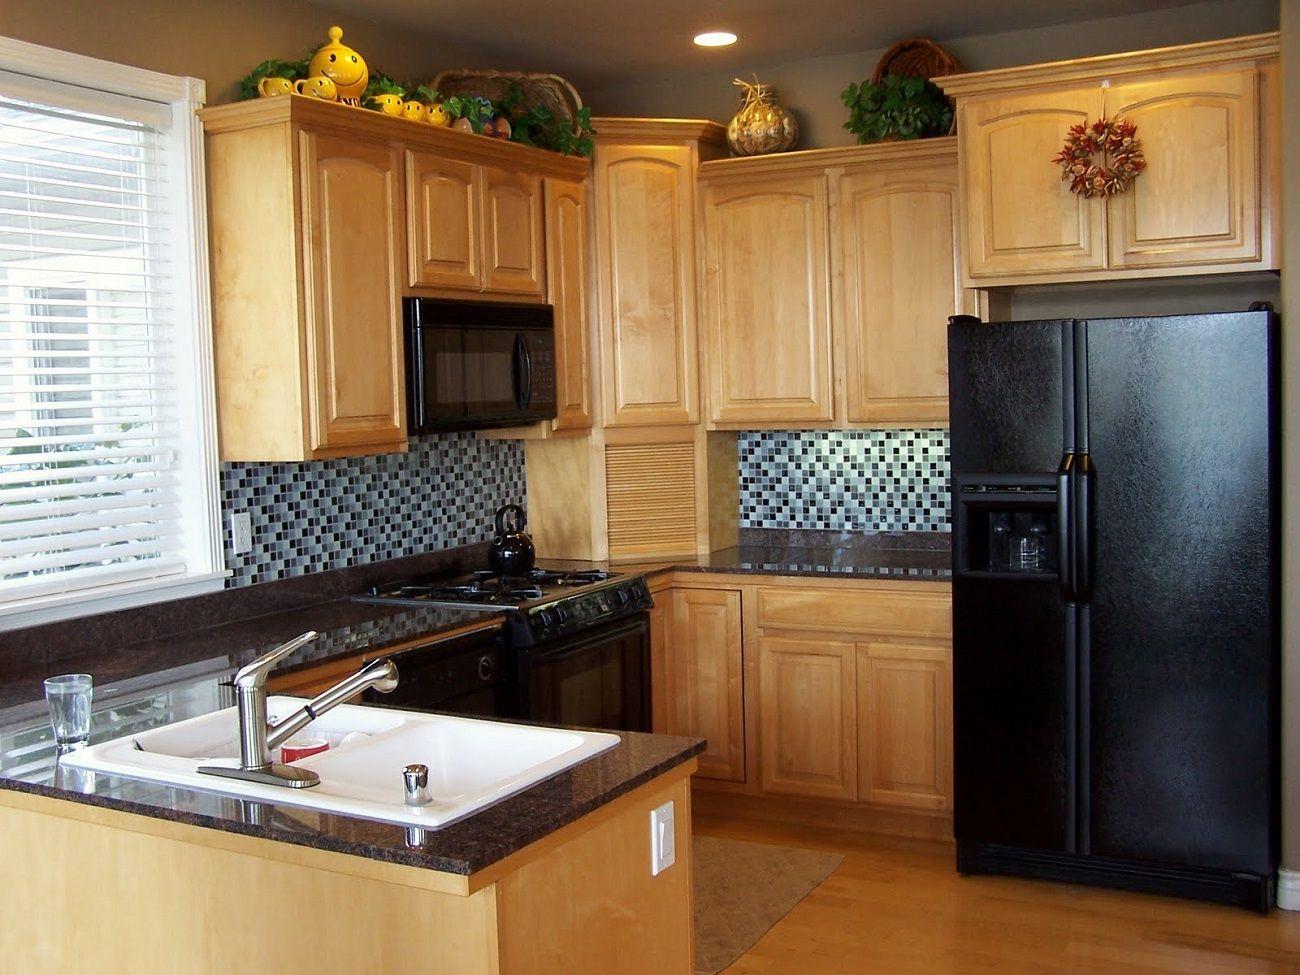 L gantes petites id es cuisine avec brun armoires cuisine - Cuisine plancher bois ...